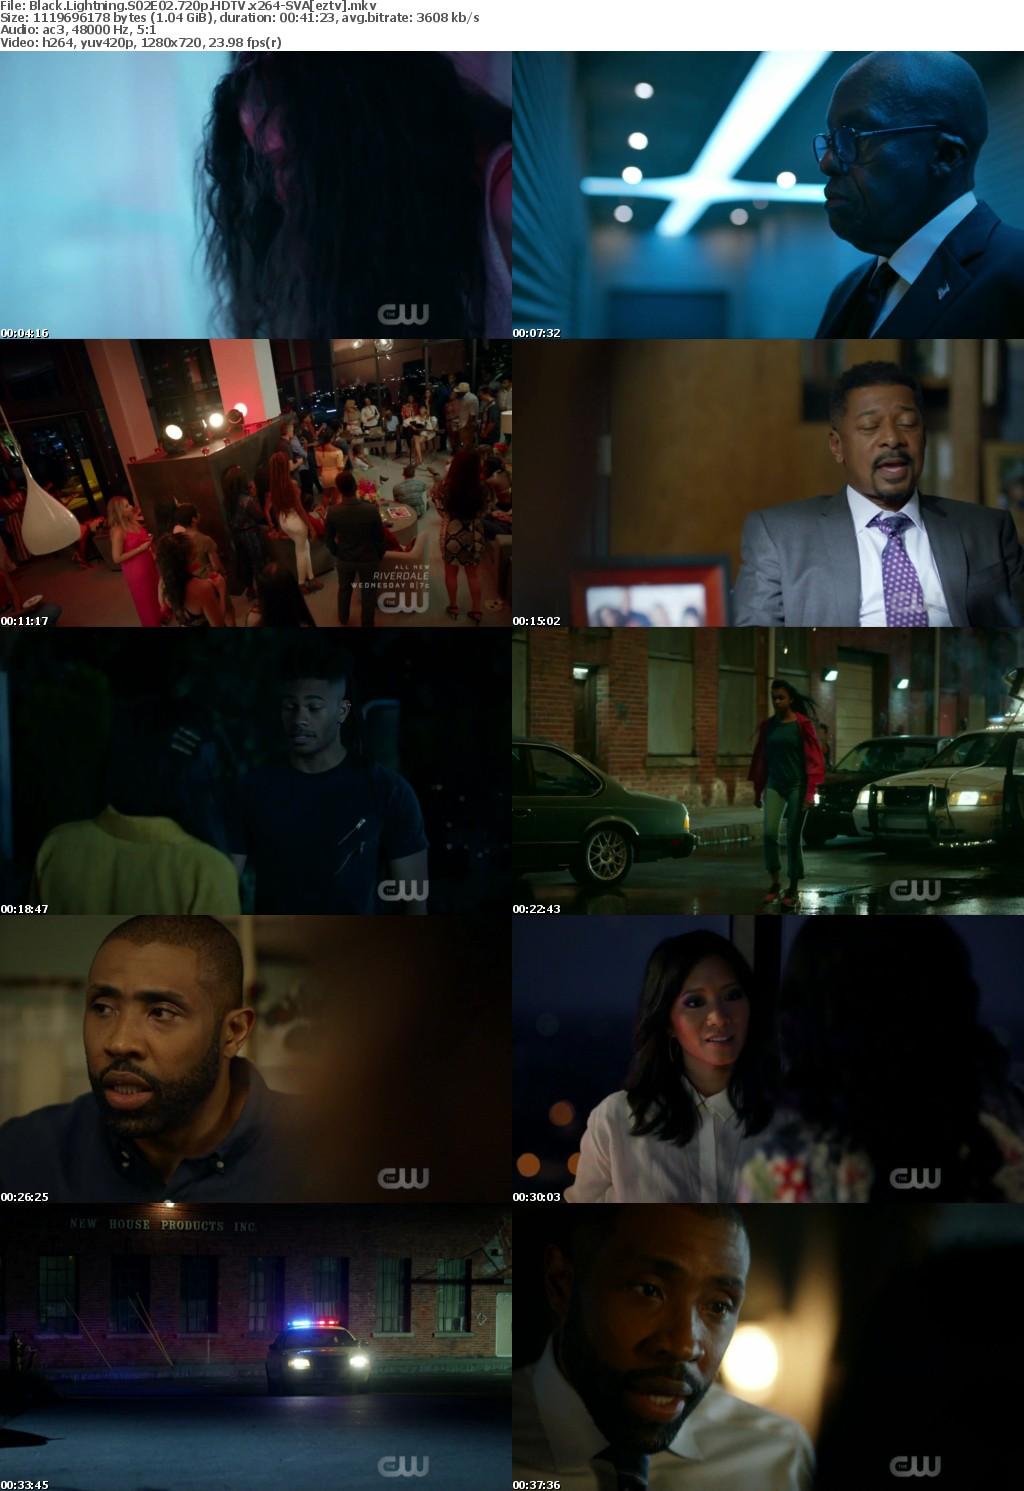 Black Lightning S02E02 720p HDTV x264-SVA